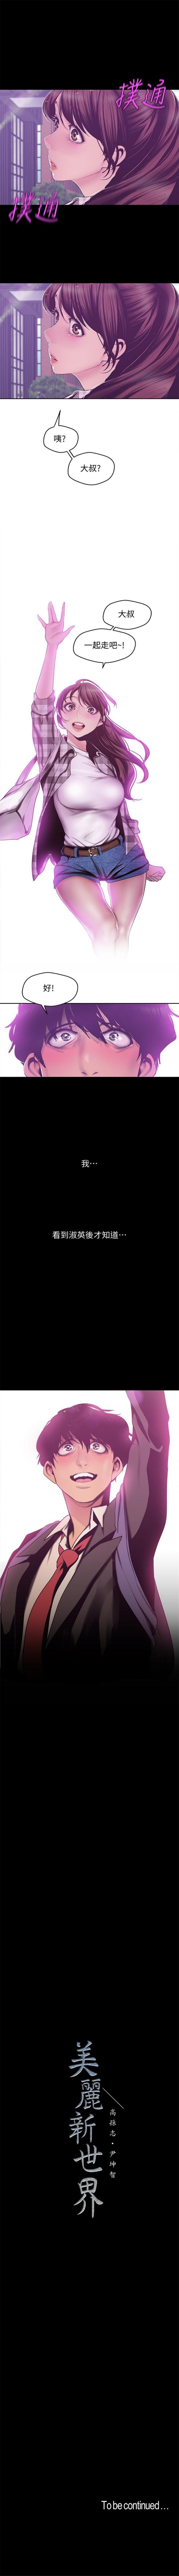 美麗新世界 1-85 官方中文(連載中) 662